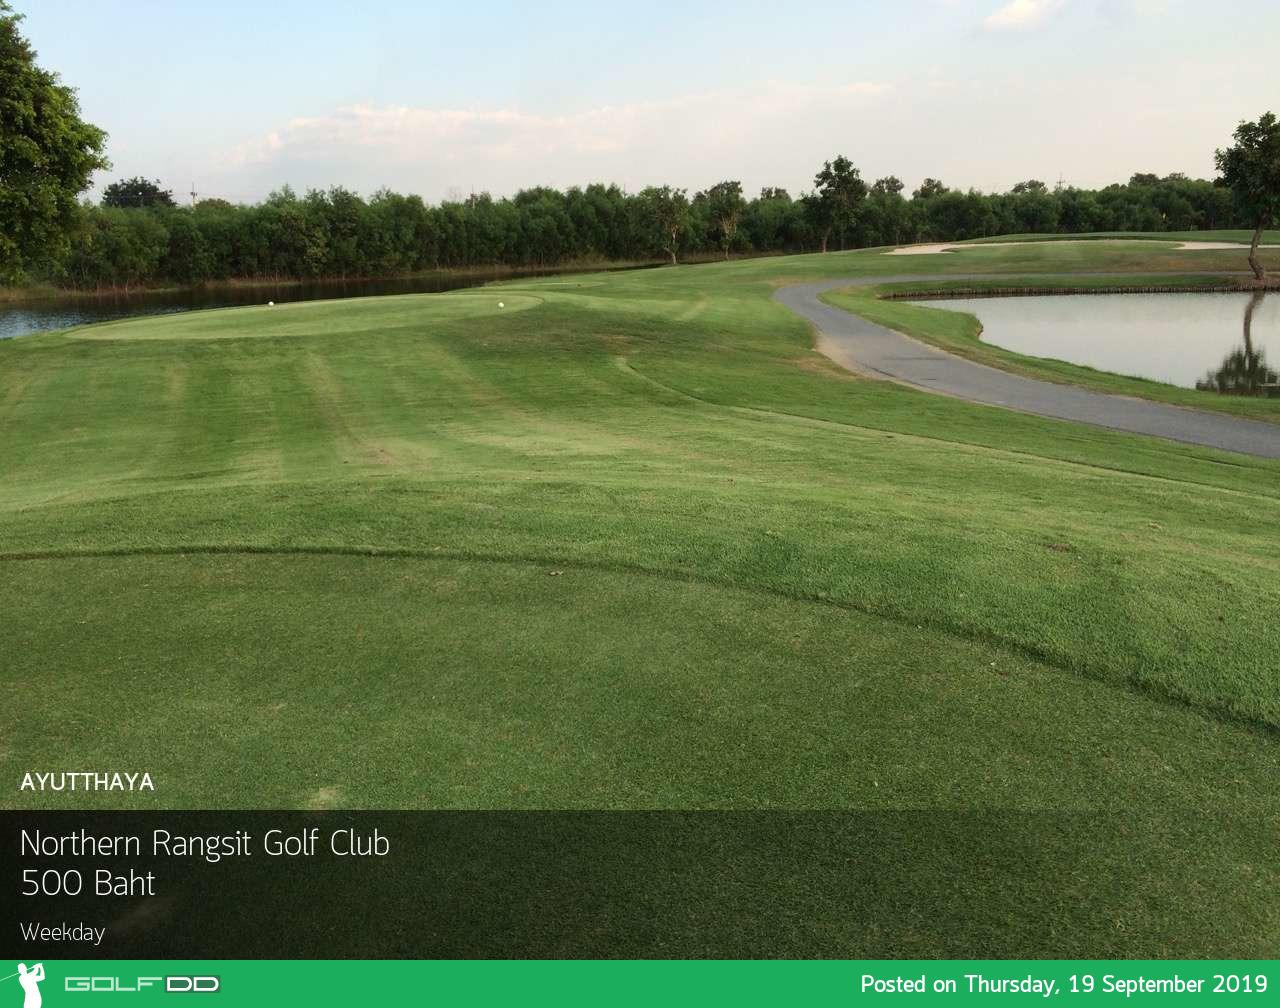 โปรถูกใจ สบายกระเป๋า ลด 50% ที่ Northern Rangsit Golf Club พร้อมจองผ่าน golfdd จ่ายเงินที่สนามได้เลย